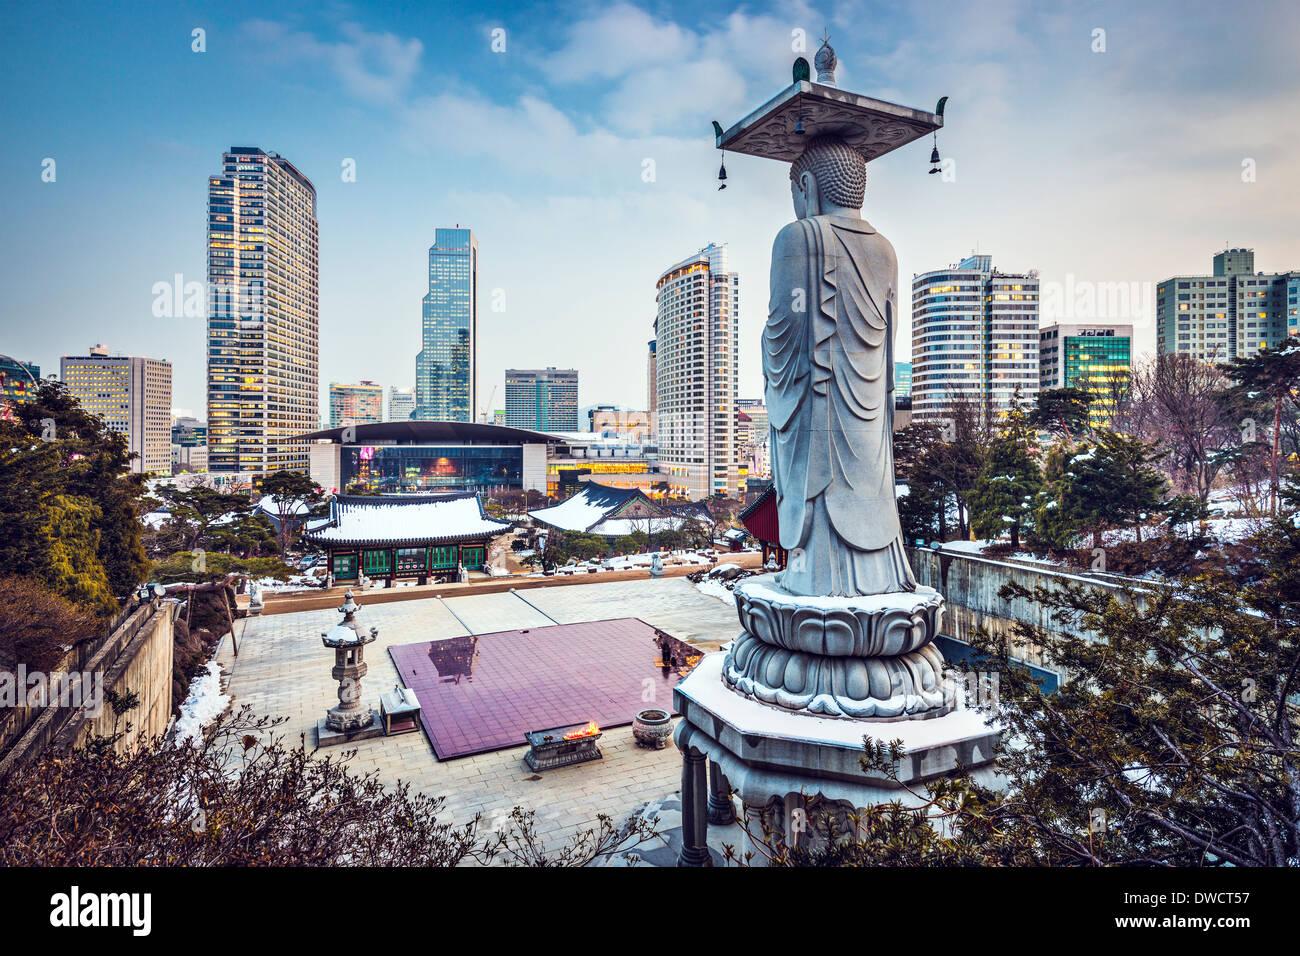 Séoul, Corée du Sud dans le paysage urbain du quartier de Gangnam. Banque D'Images